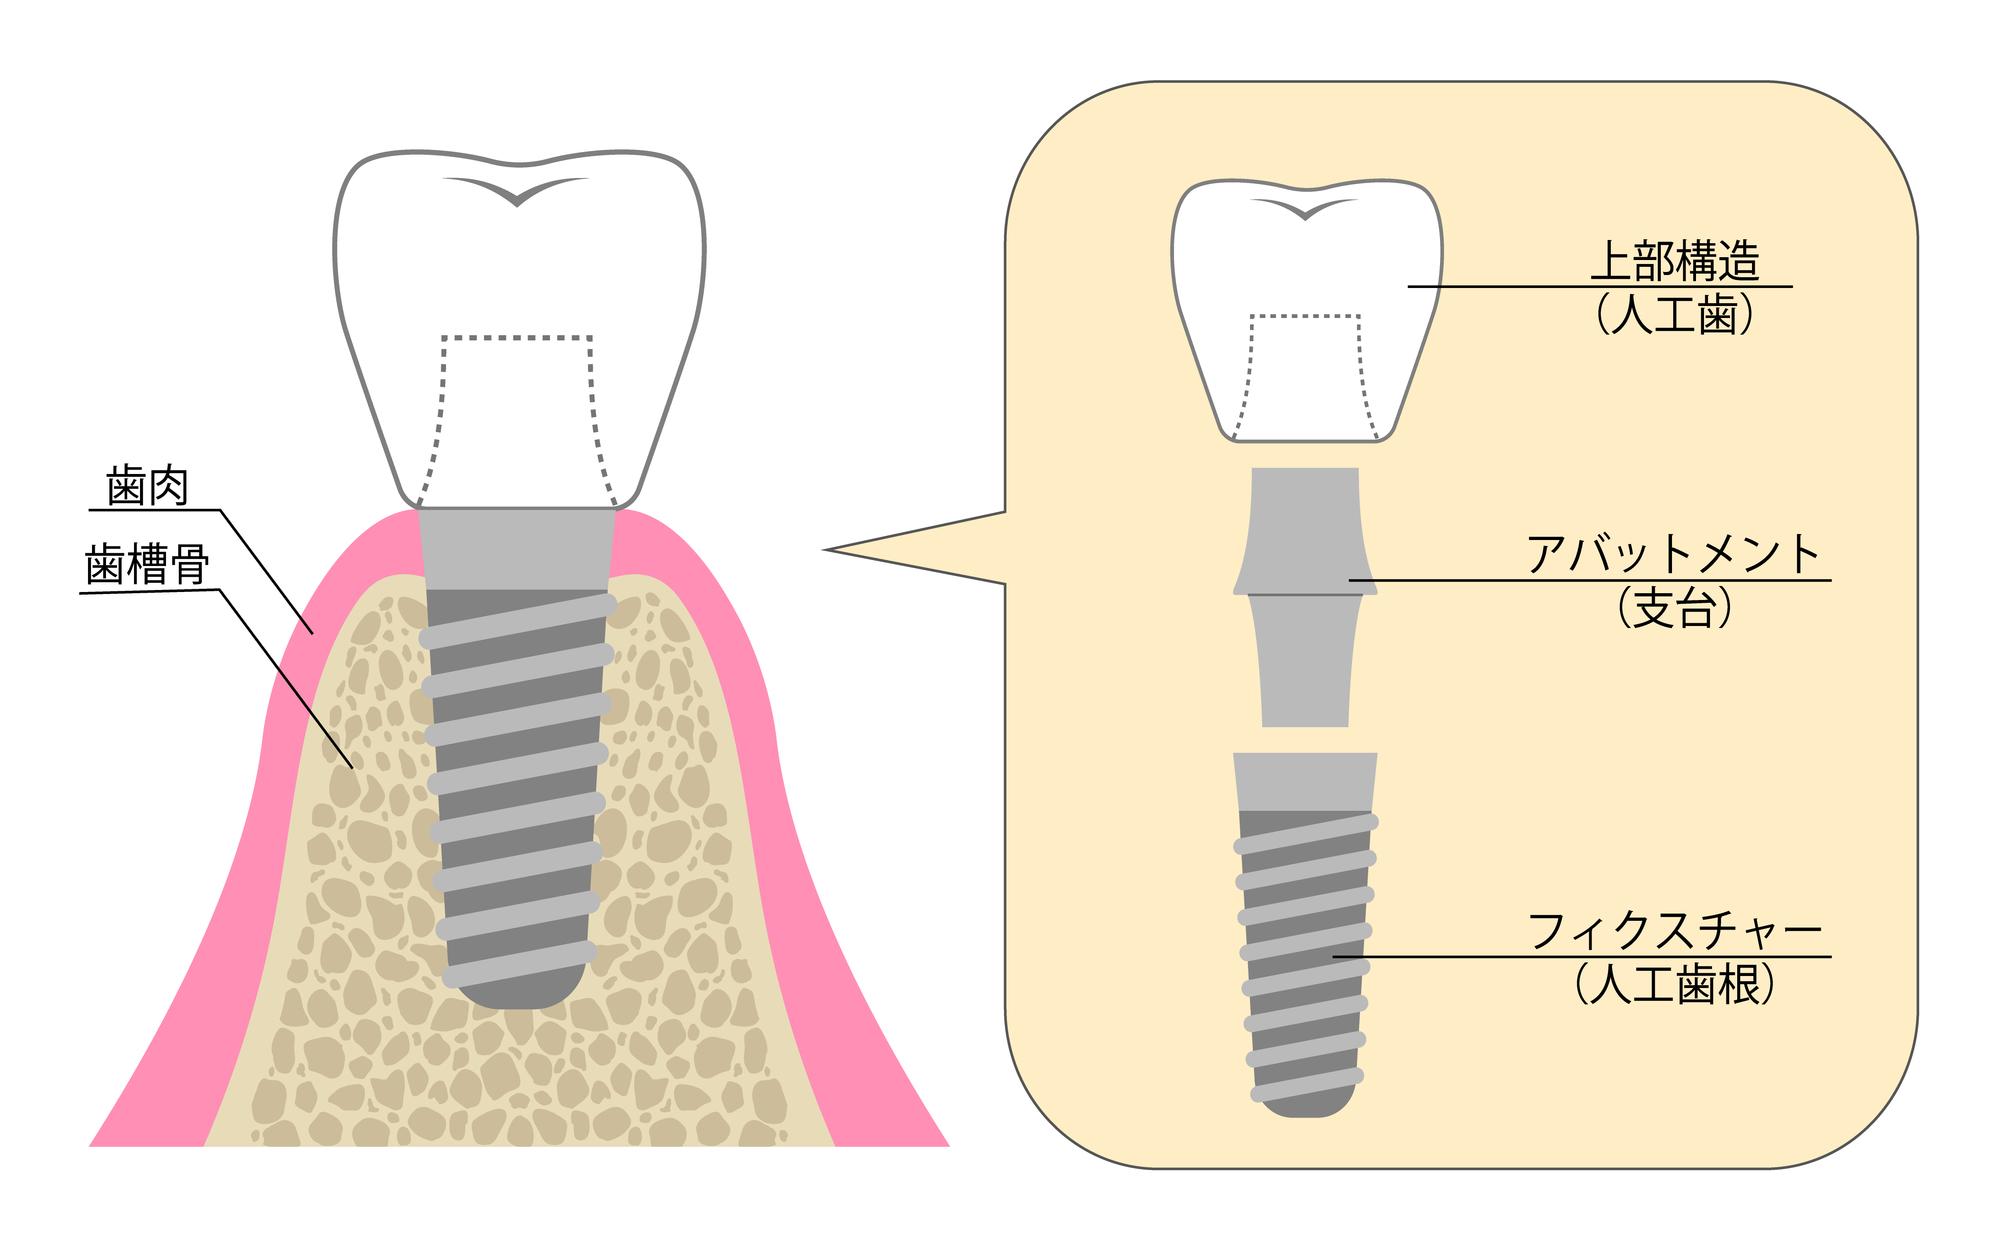 インプラント治療に関する様々なQ&A|インプラントの構造のイラスト|自由が丘の歯医者 三好歯科自由が丘